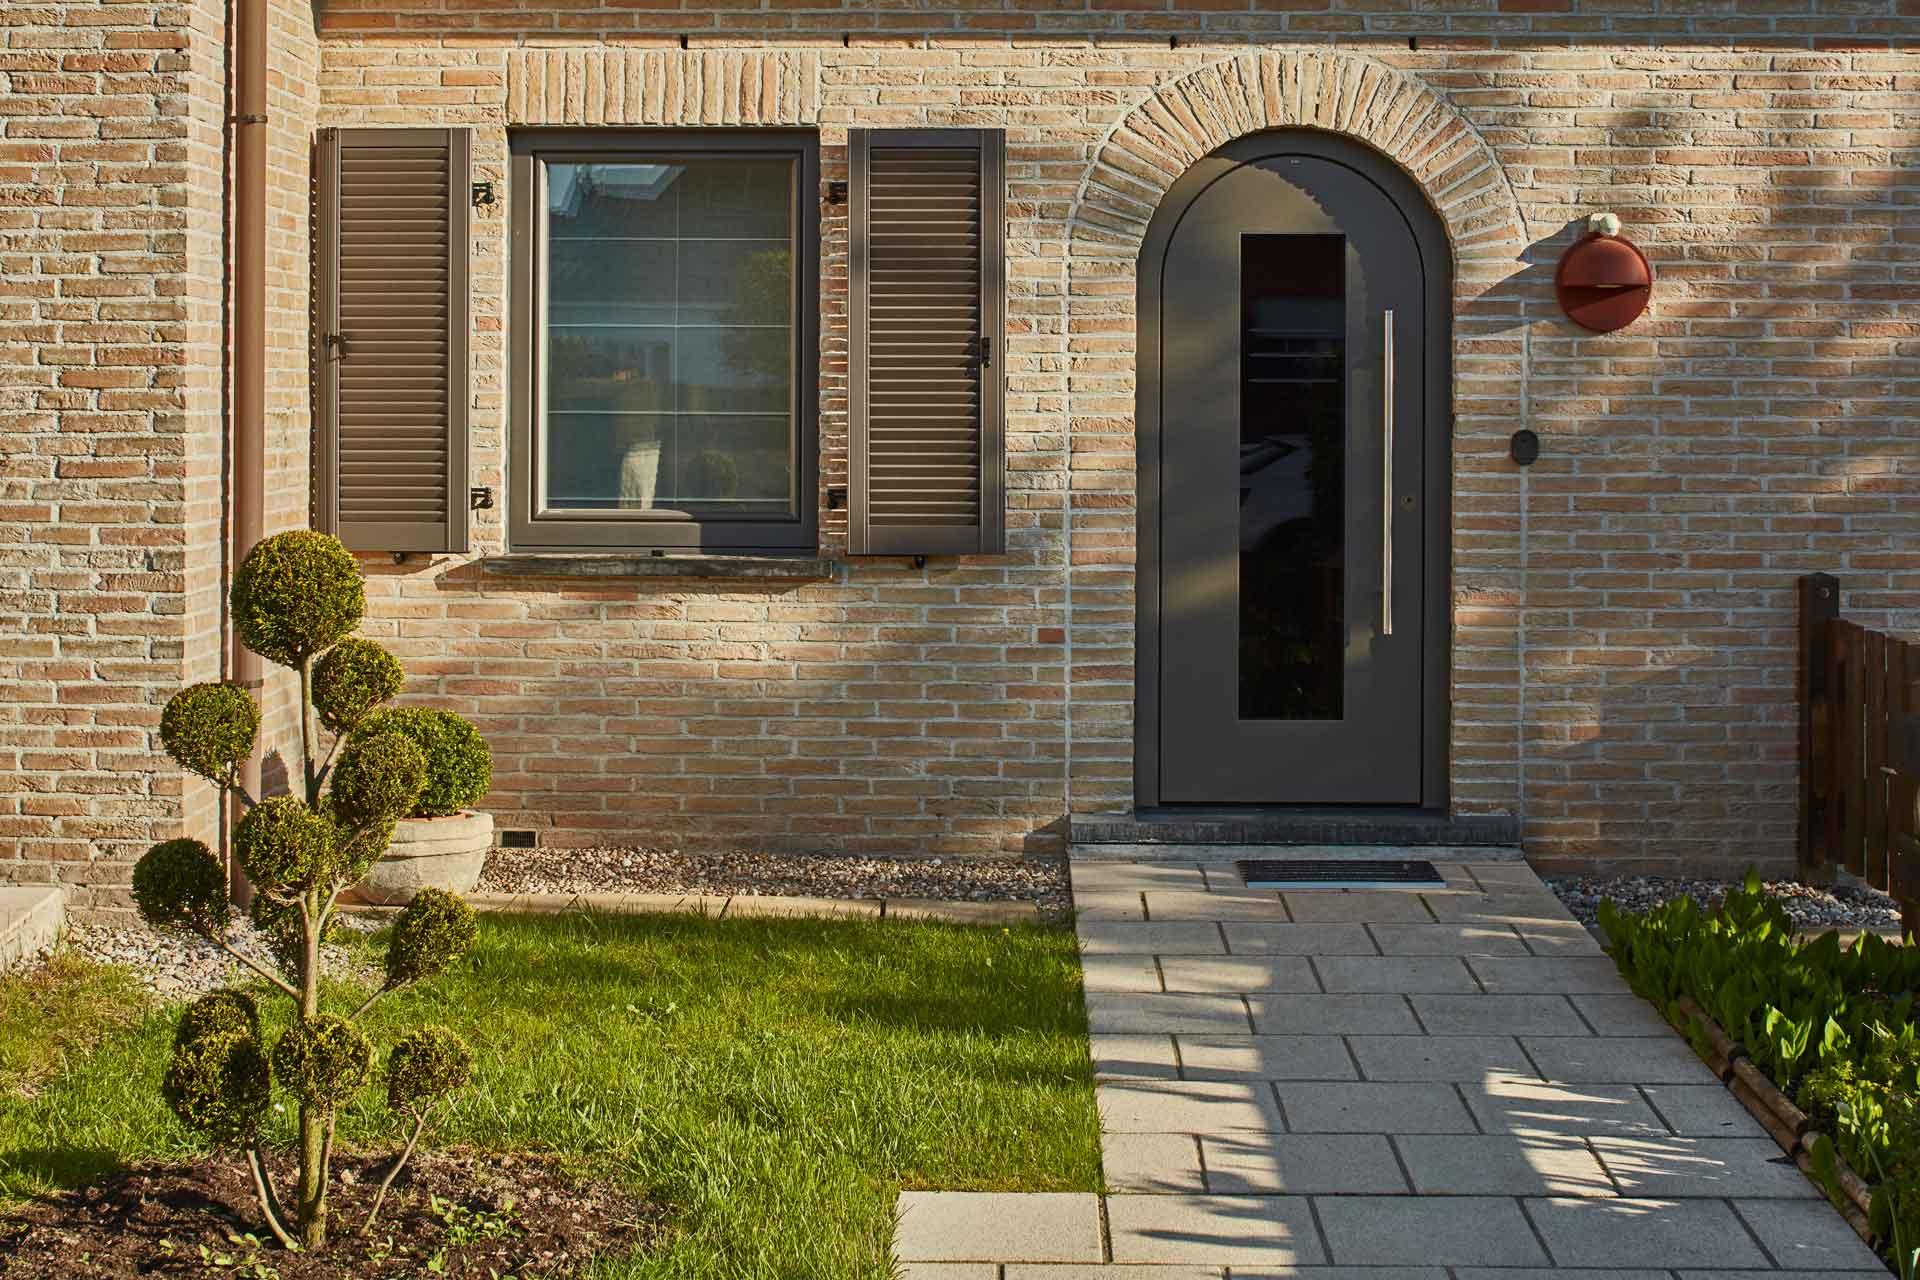 Nahaufnahme des Eingangsbereich eines Einfamilienhauses mit Steinfassade mit einer neuen runden Coplaning Haustür und links davon ein graues Coplaning Alu Fenster.